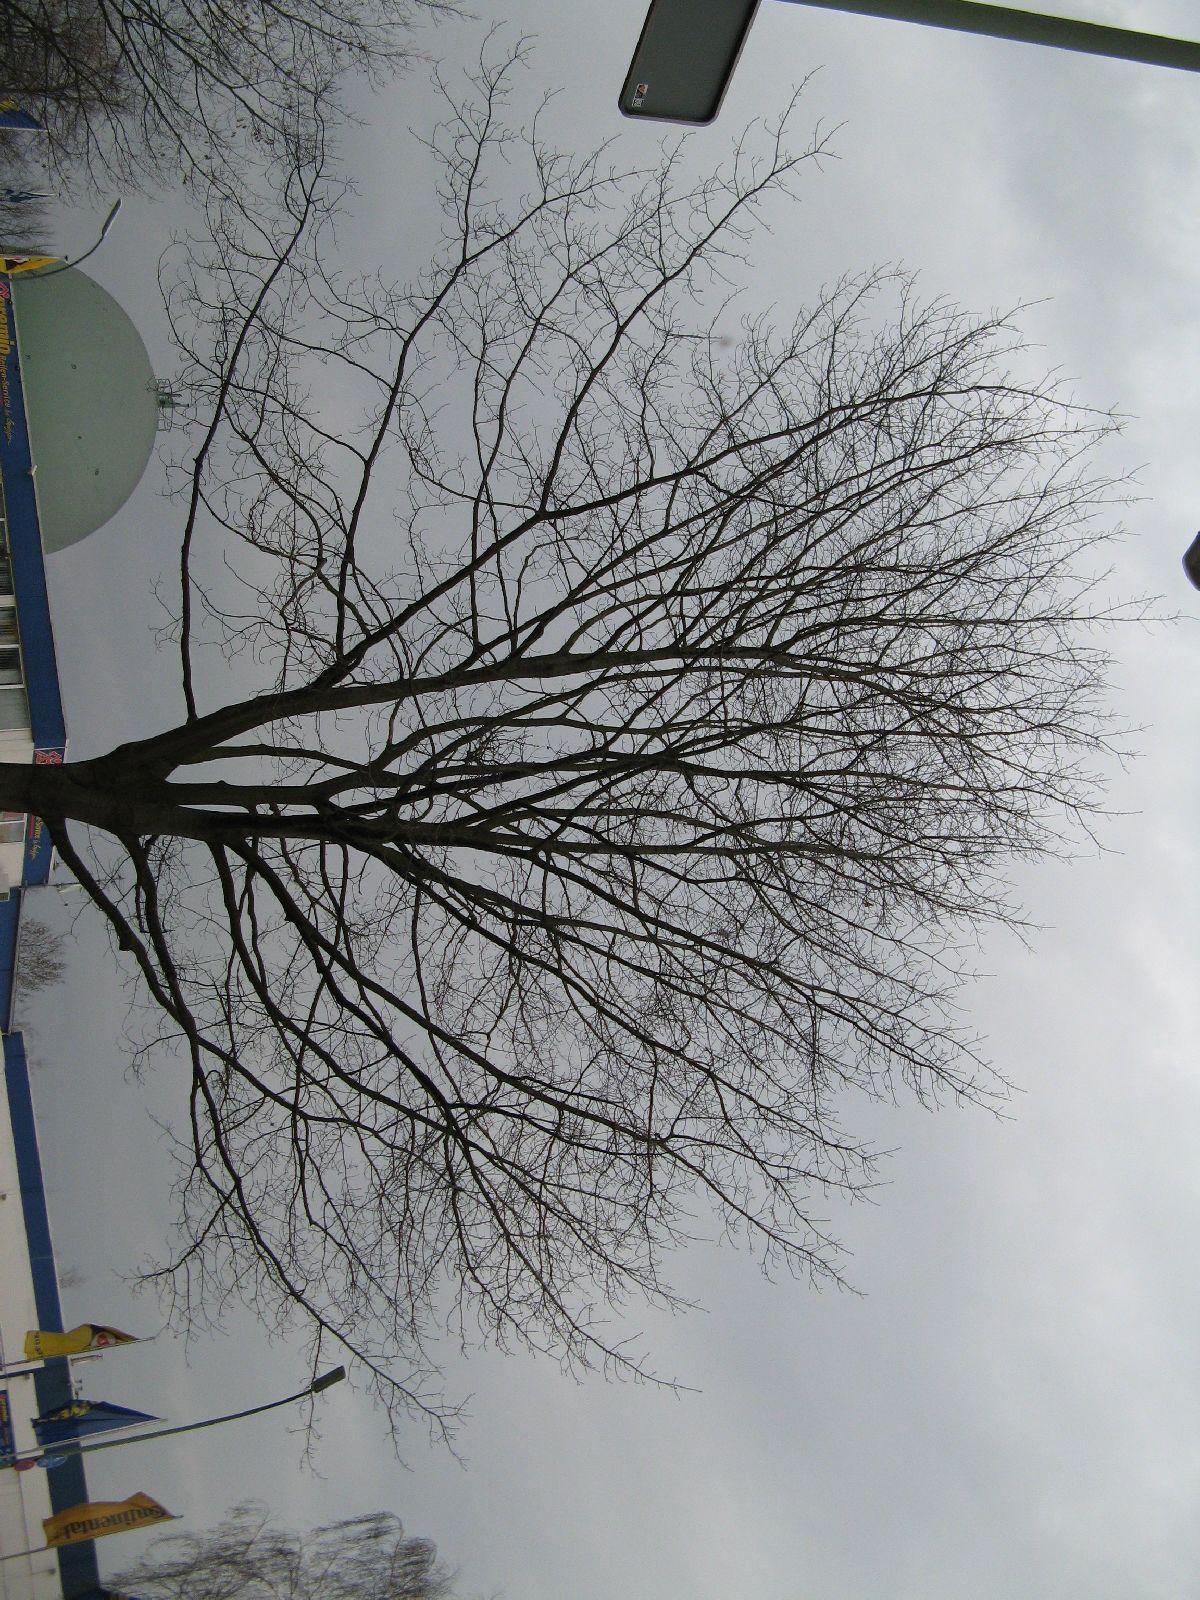 Pflanzen-Baum-Silhouette-Foto_Textur_B_43040